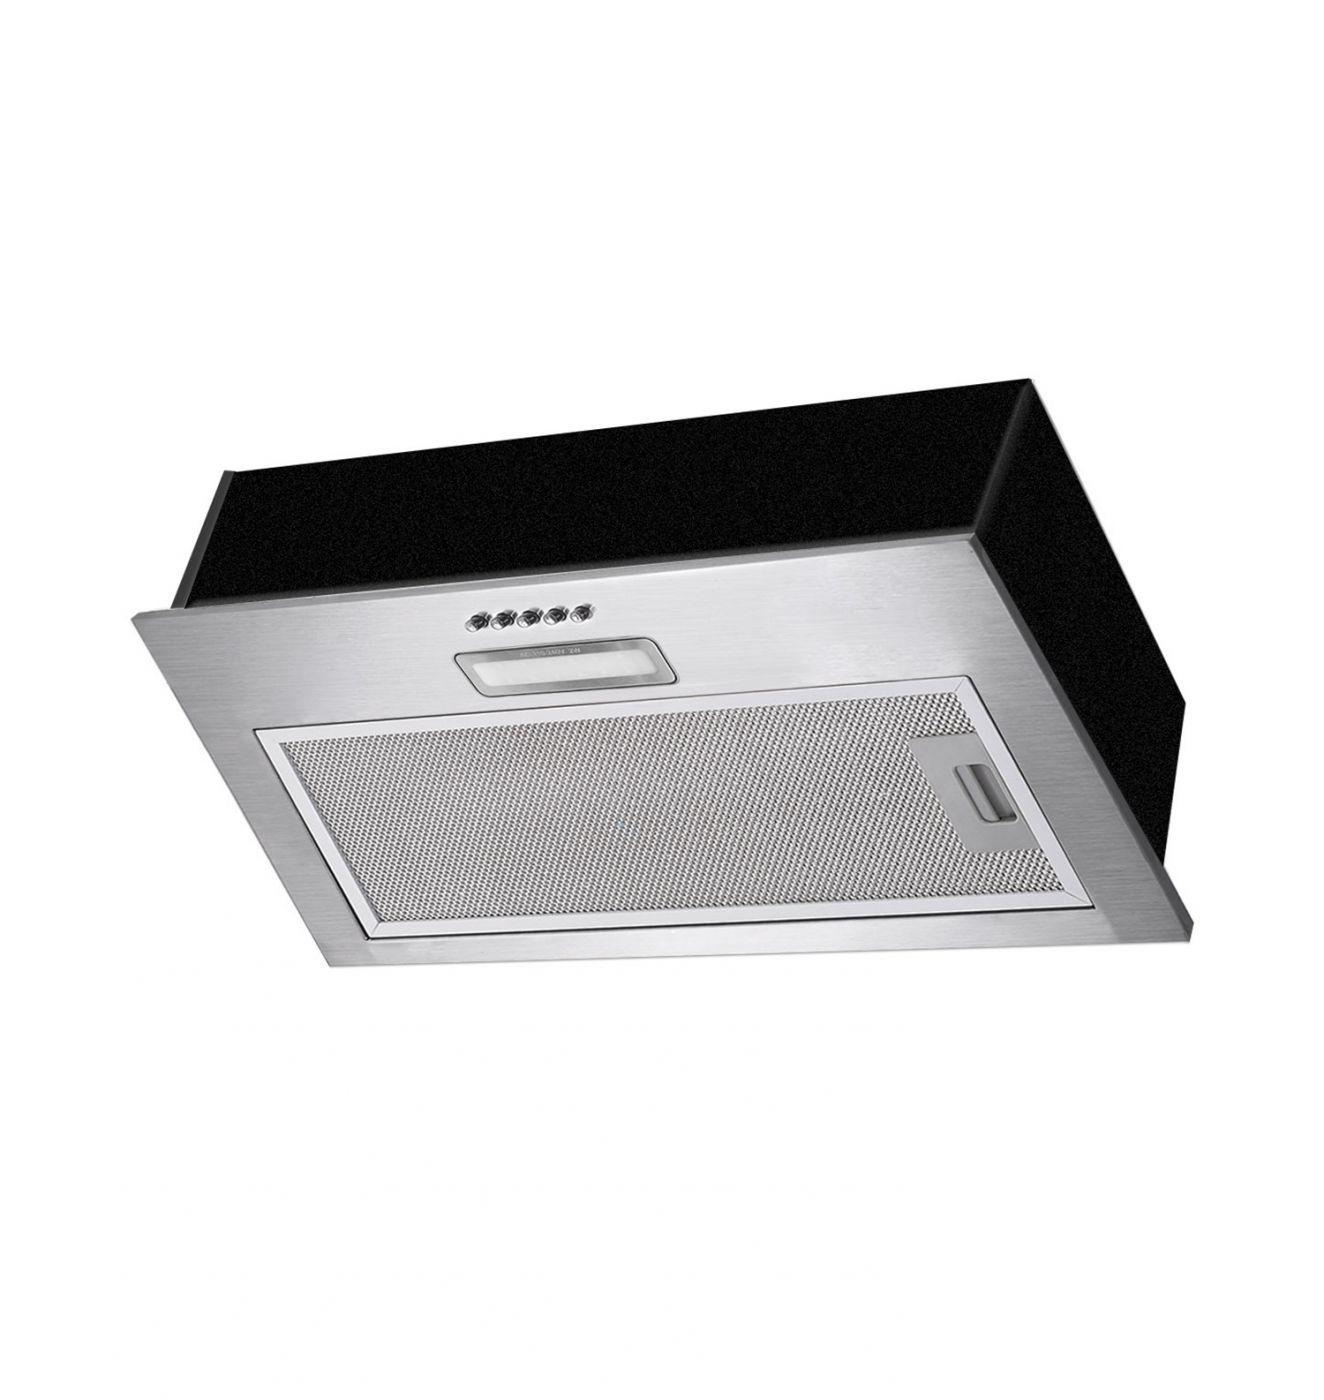 Кухонная вытяжка Lex GS BLOC LIGHT 600 INOX (CHTI000328)